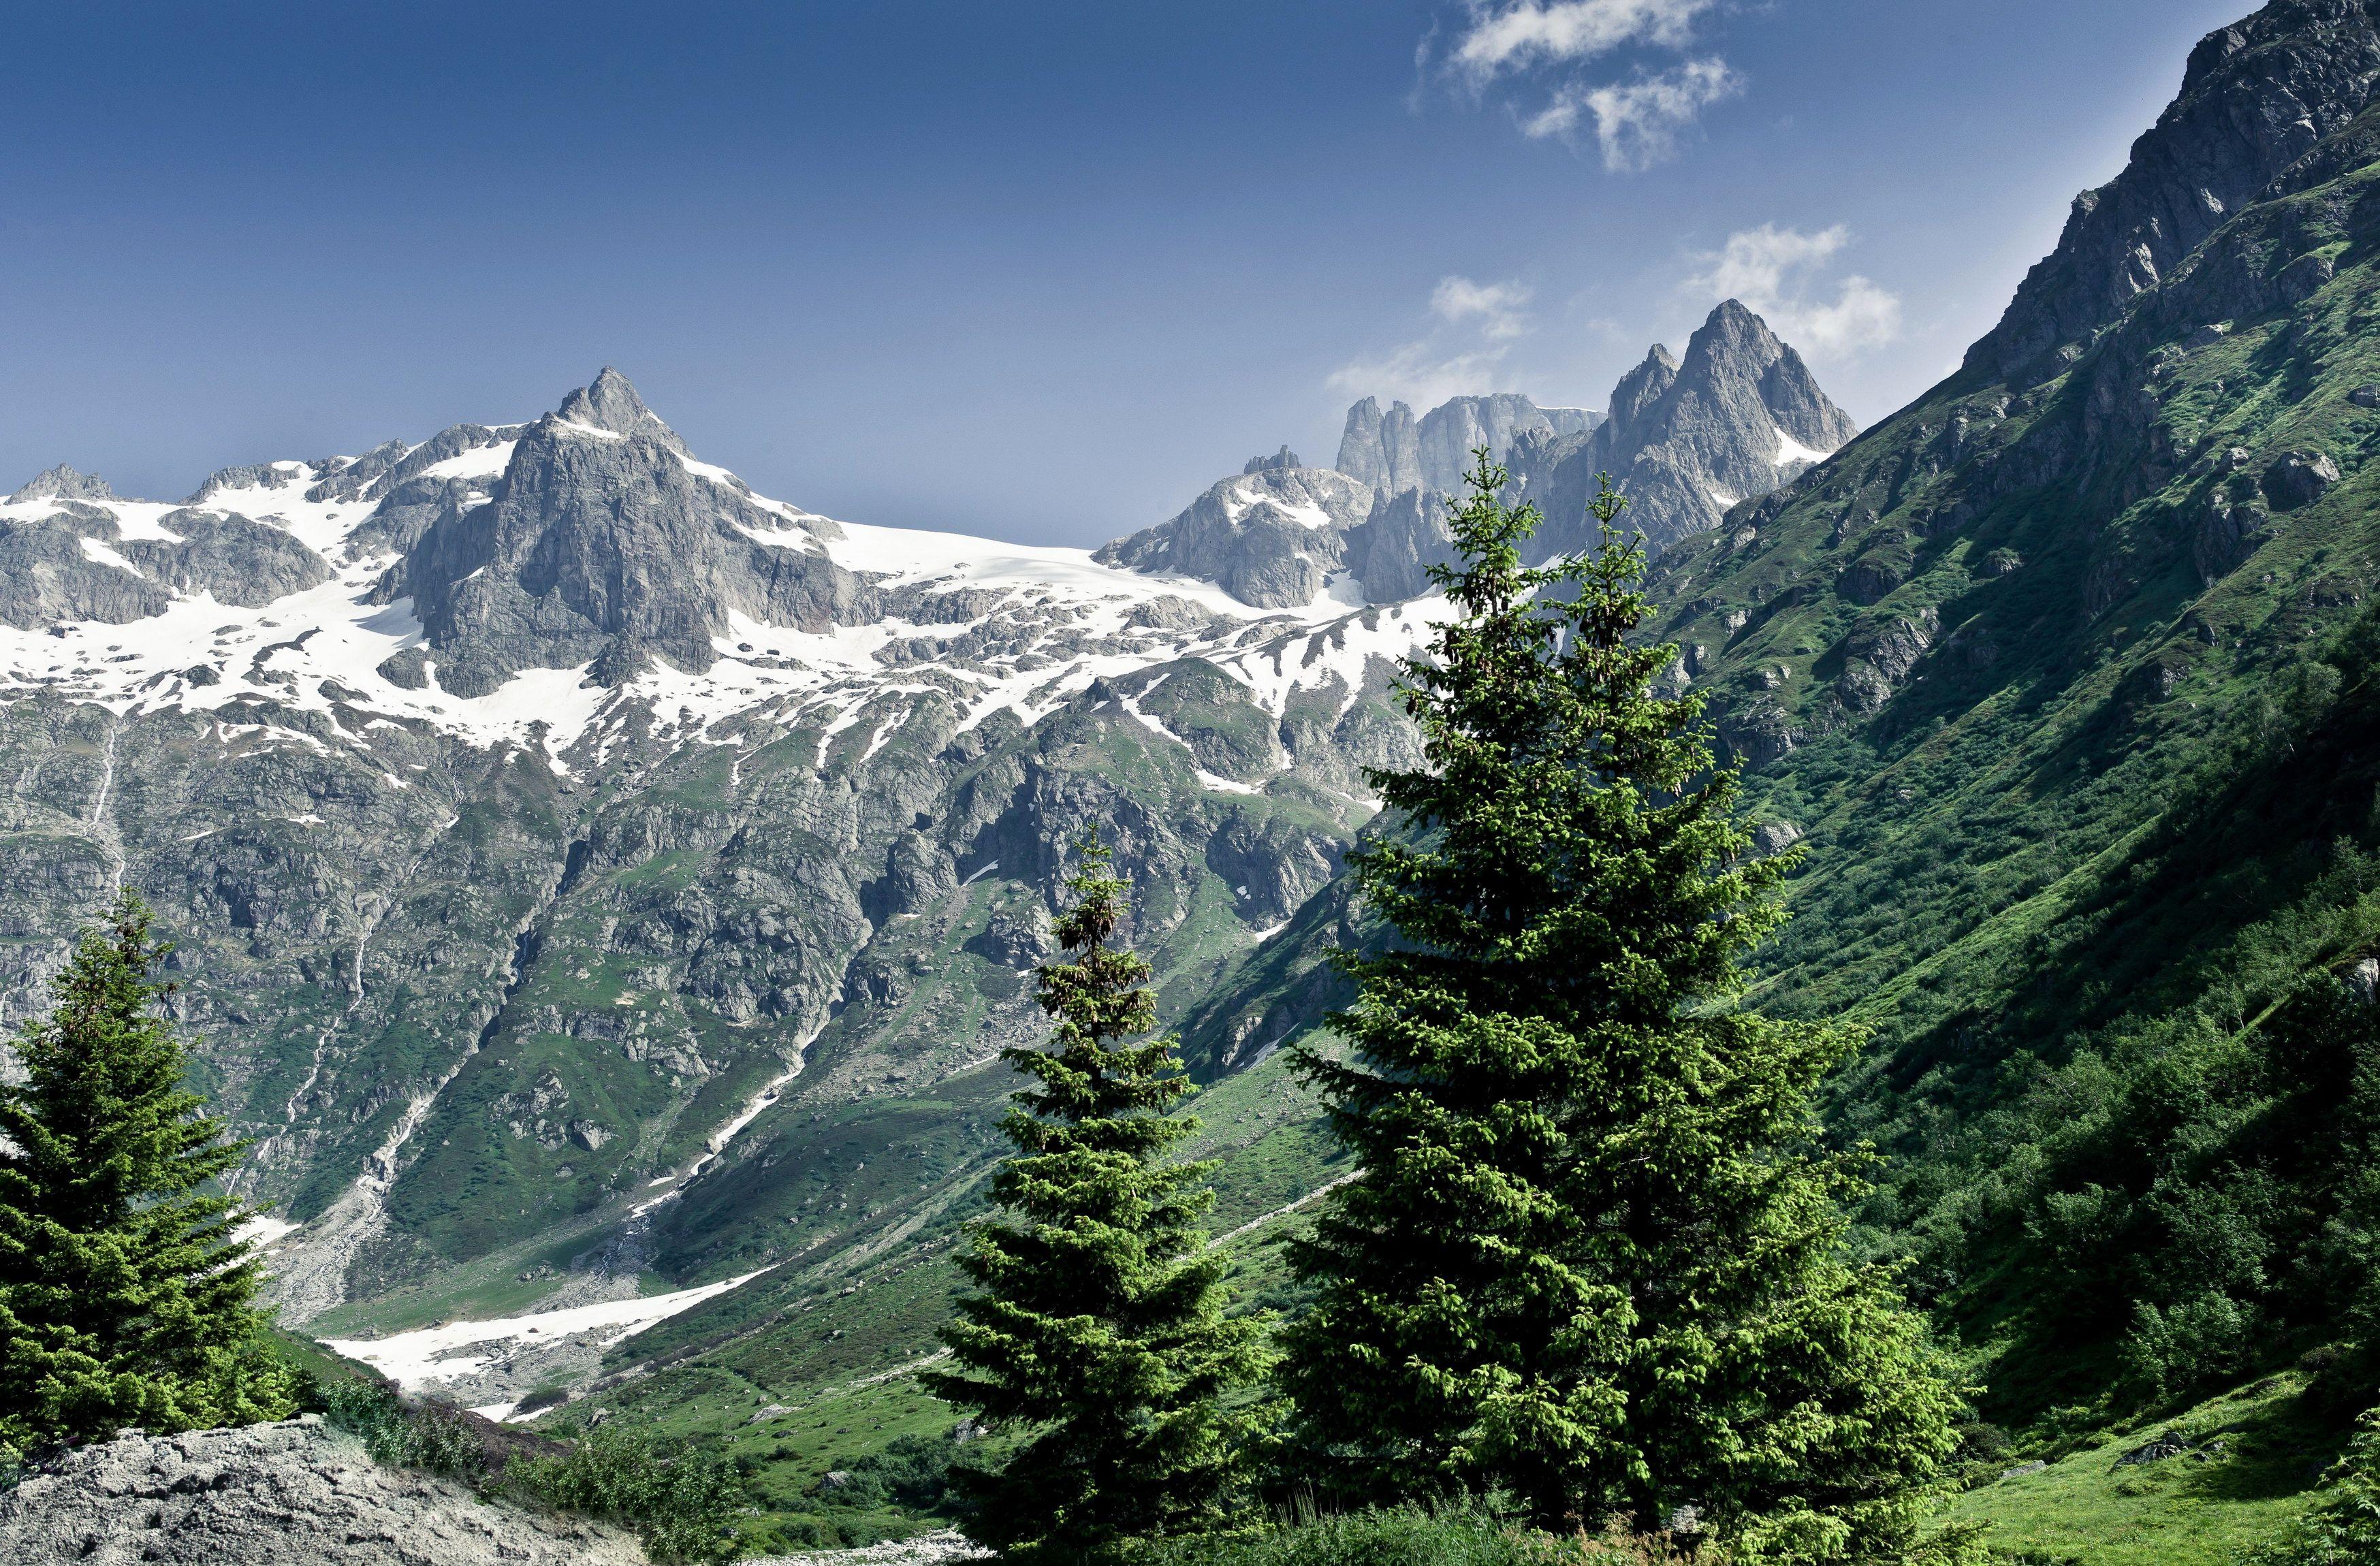 Terranatura Montagne Paesaggi Scenic Foresta Cielo Cloud Natura